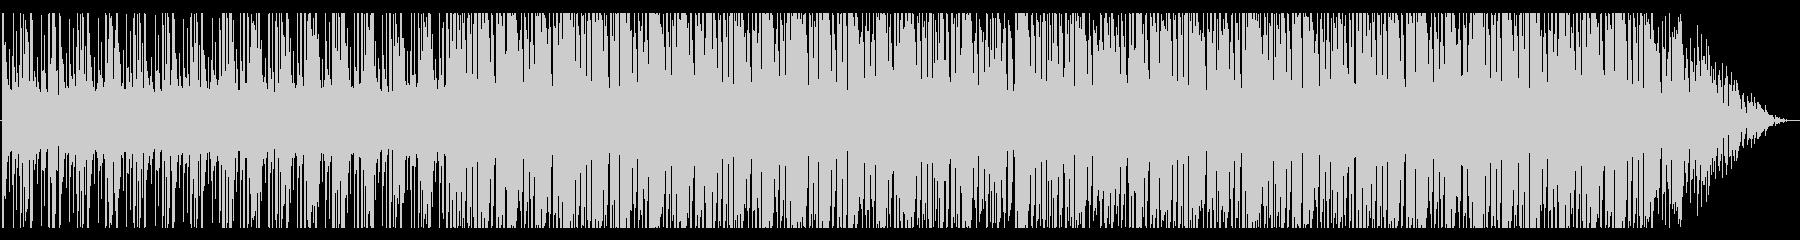 不気味/ダーク/テクノ_No436の未再生の波形